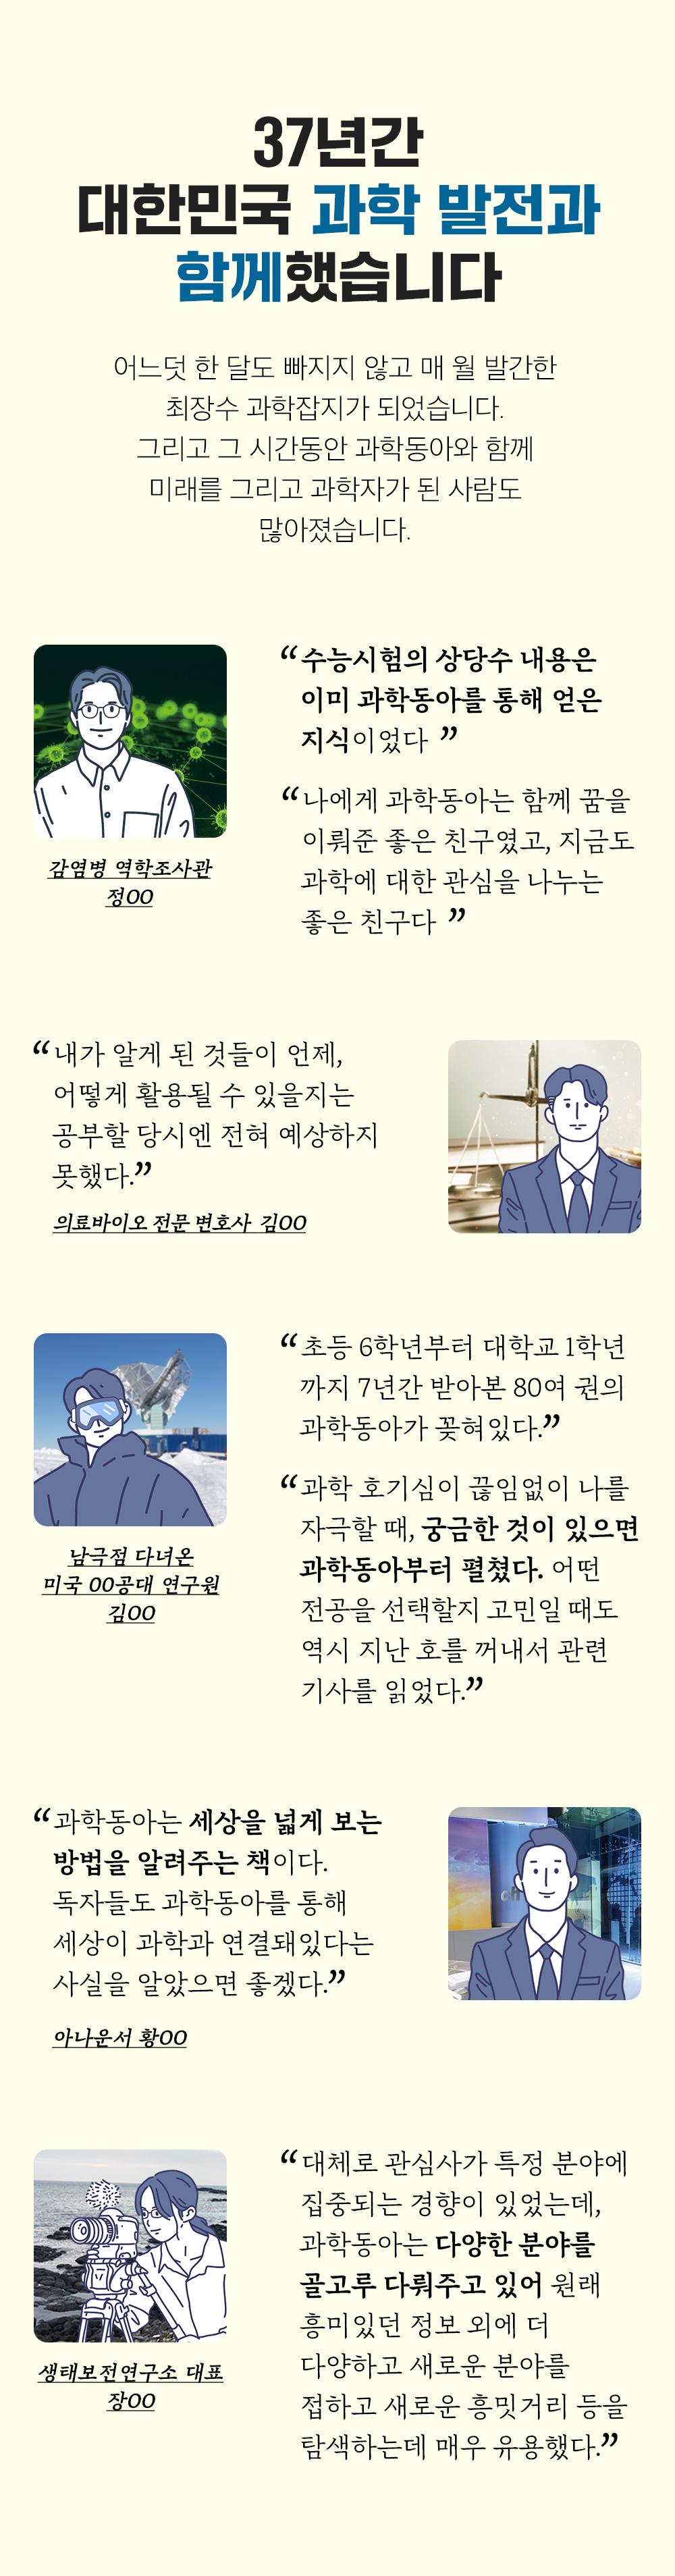 36년간 대한민국 과학 발전과 함께했습니다.